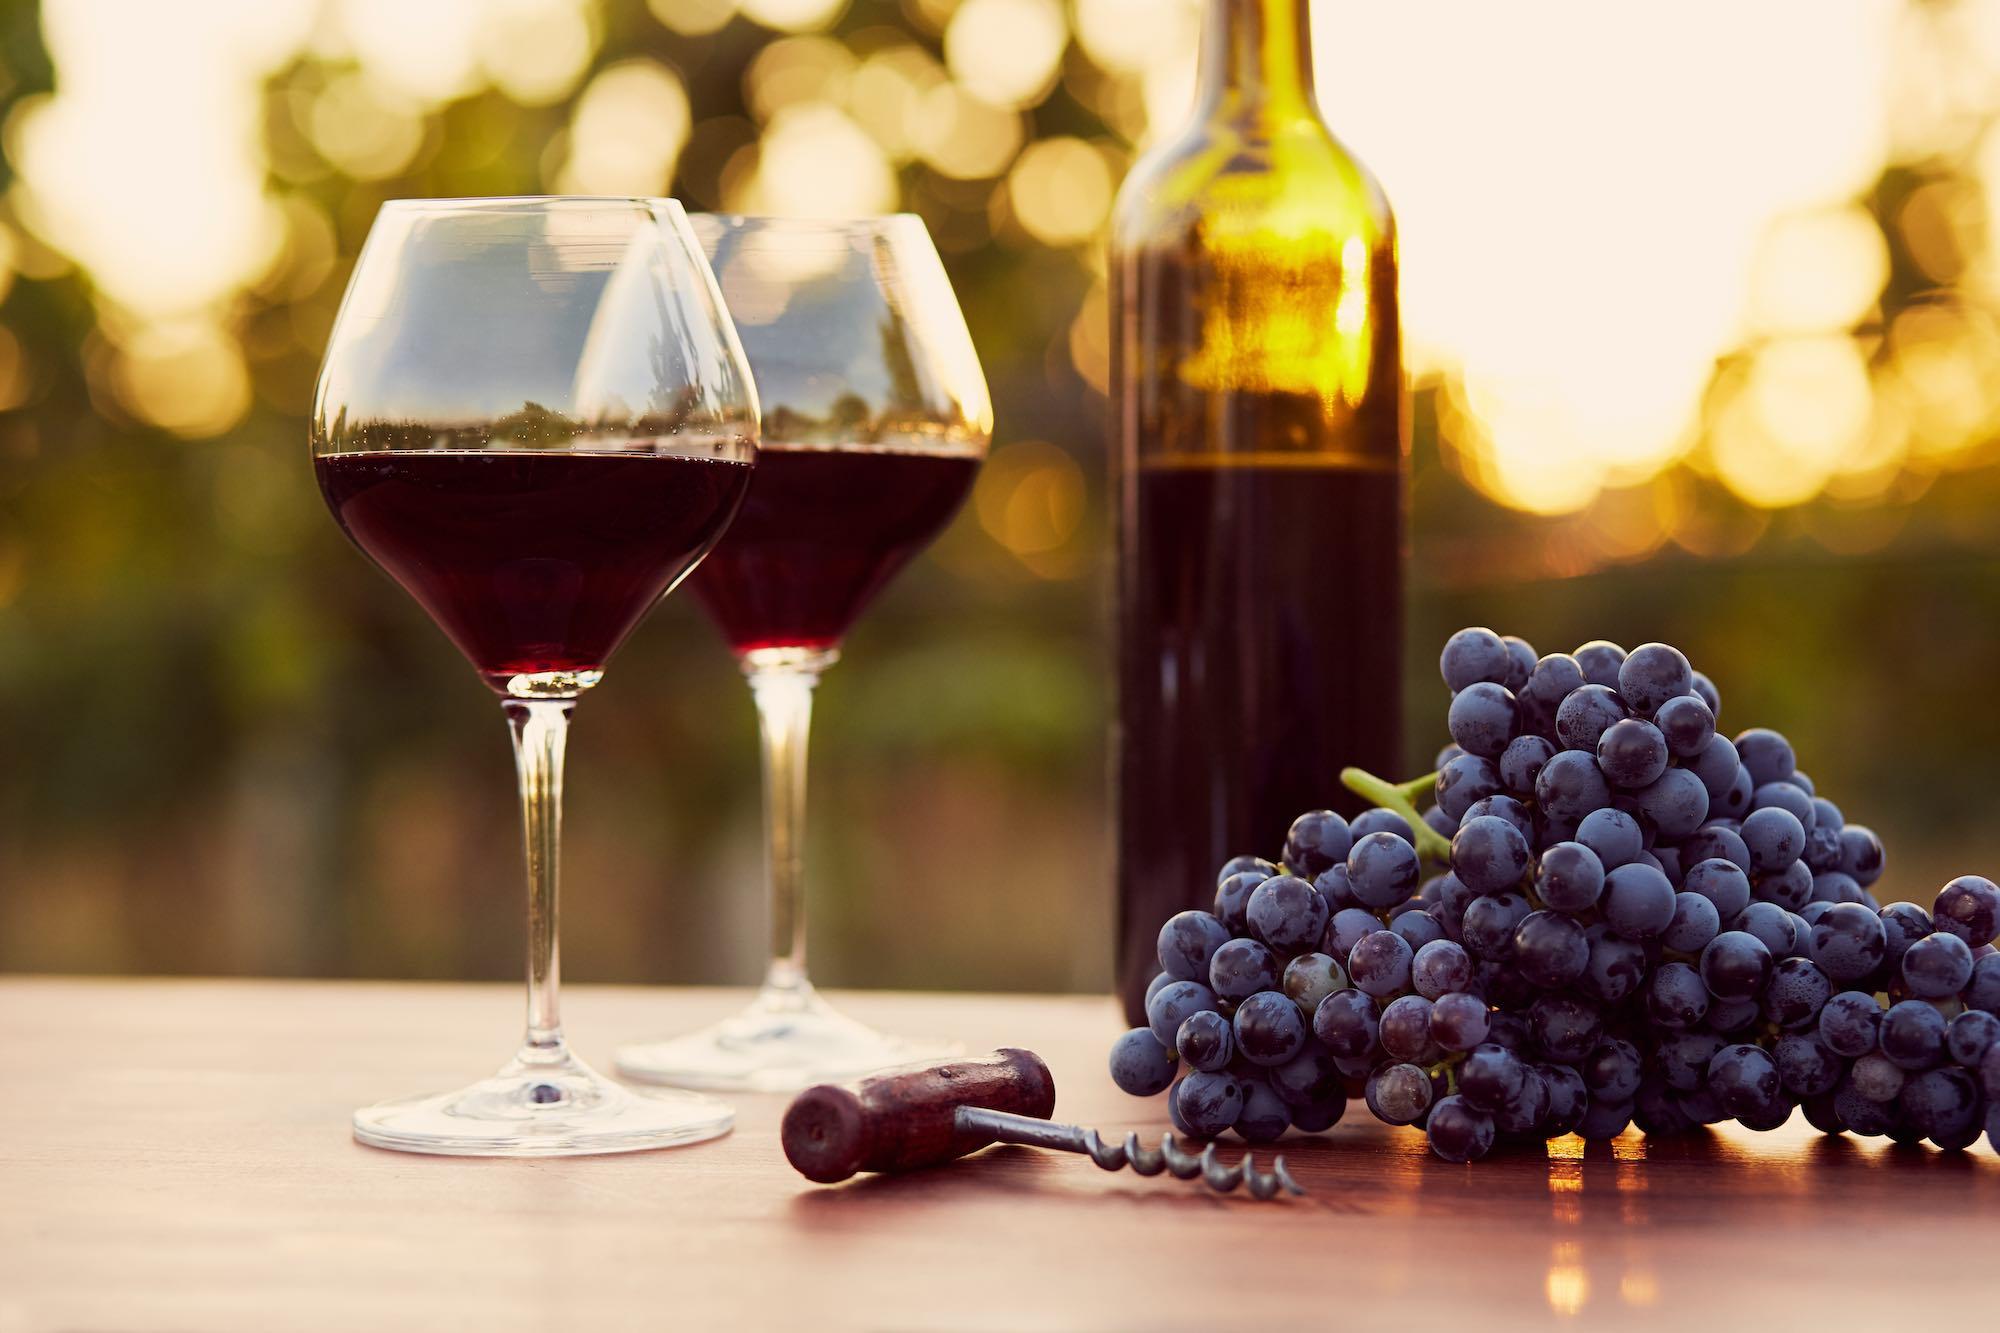 Bicchieri e bottiglia di vino rosso al tramonto con grappolo d'uva